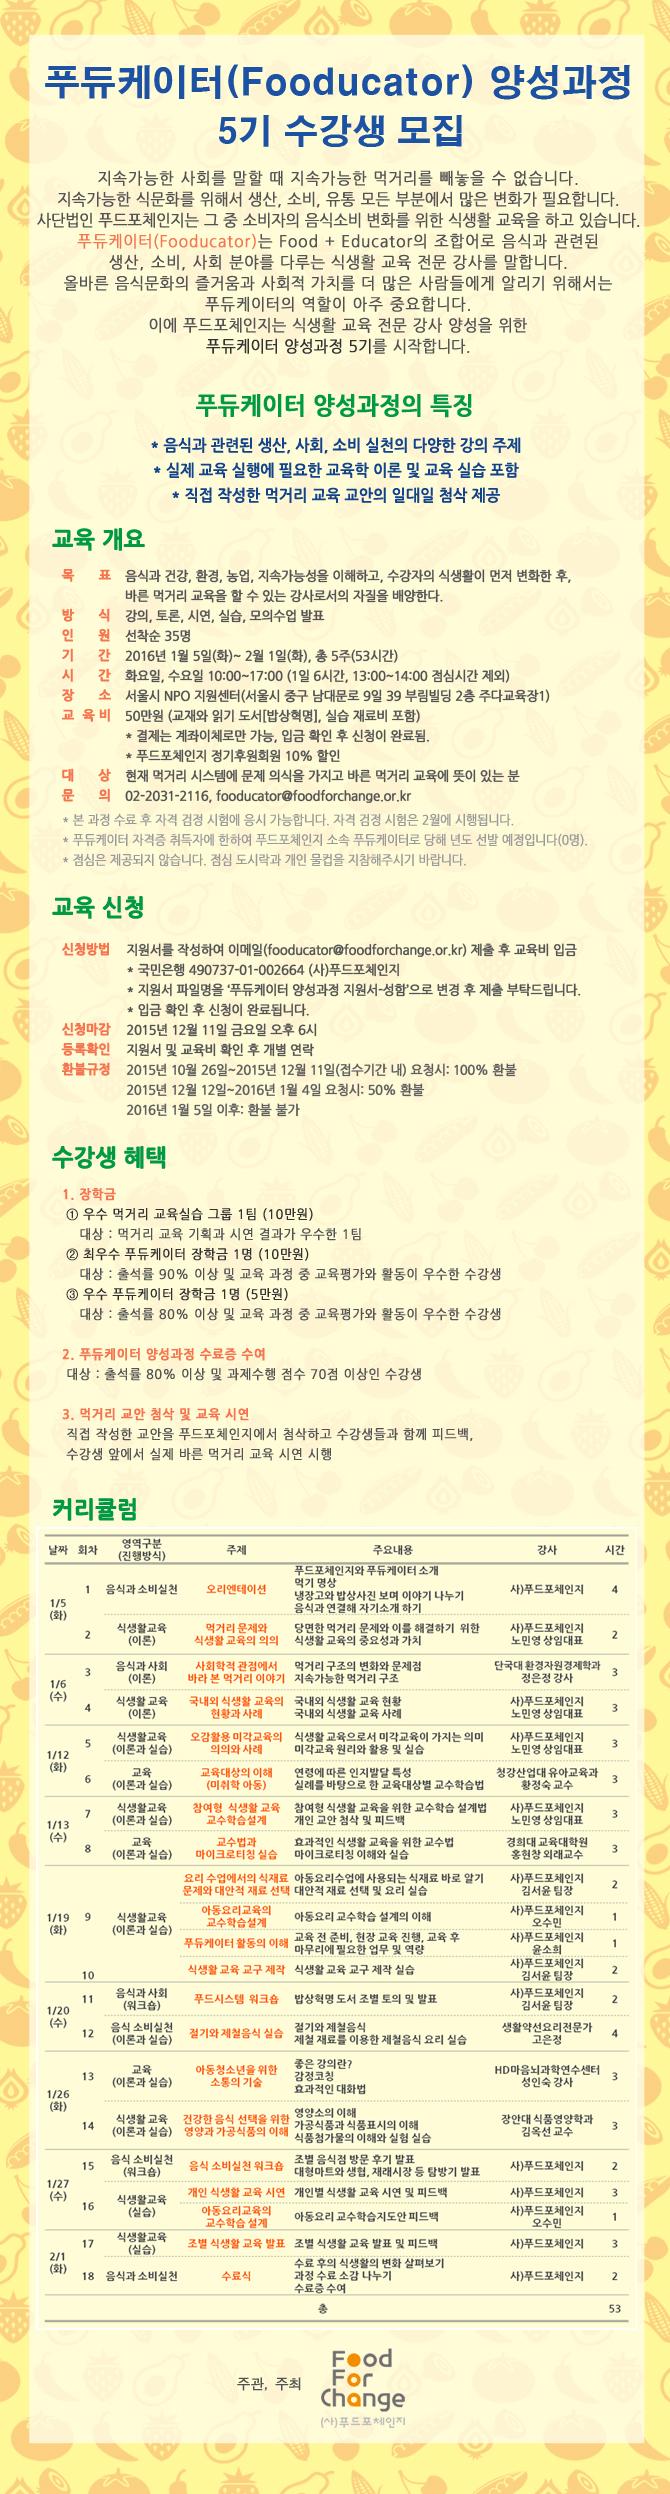 2016_푸듀케이터양성과정_1109.jpg